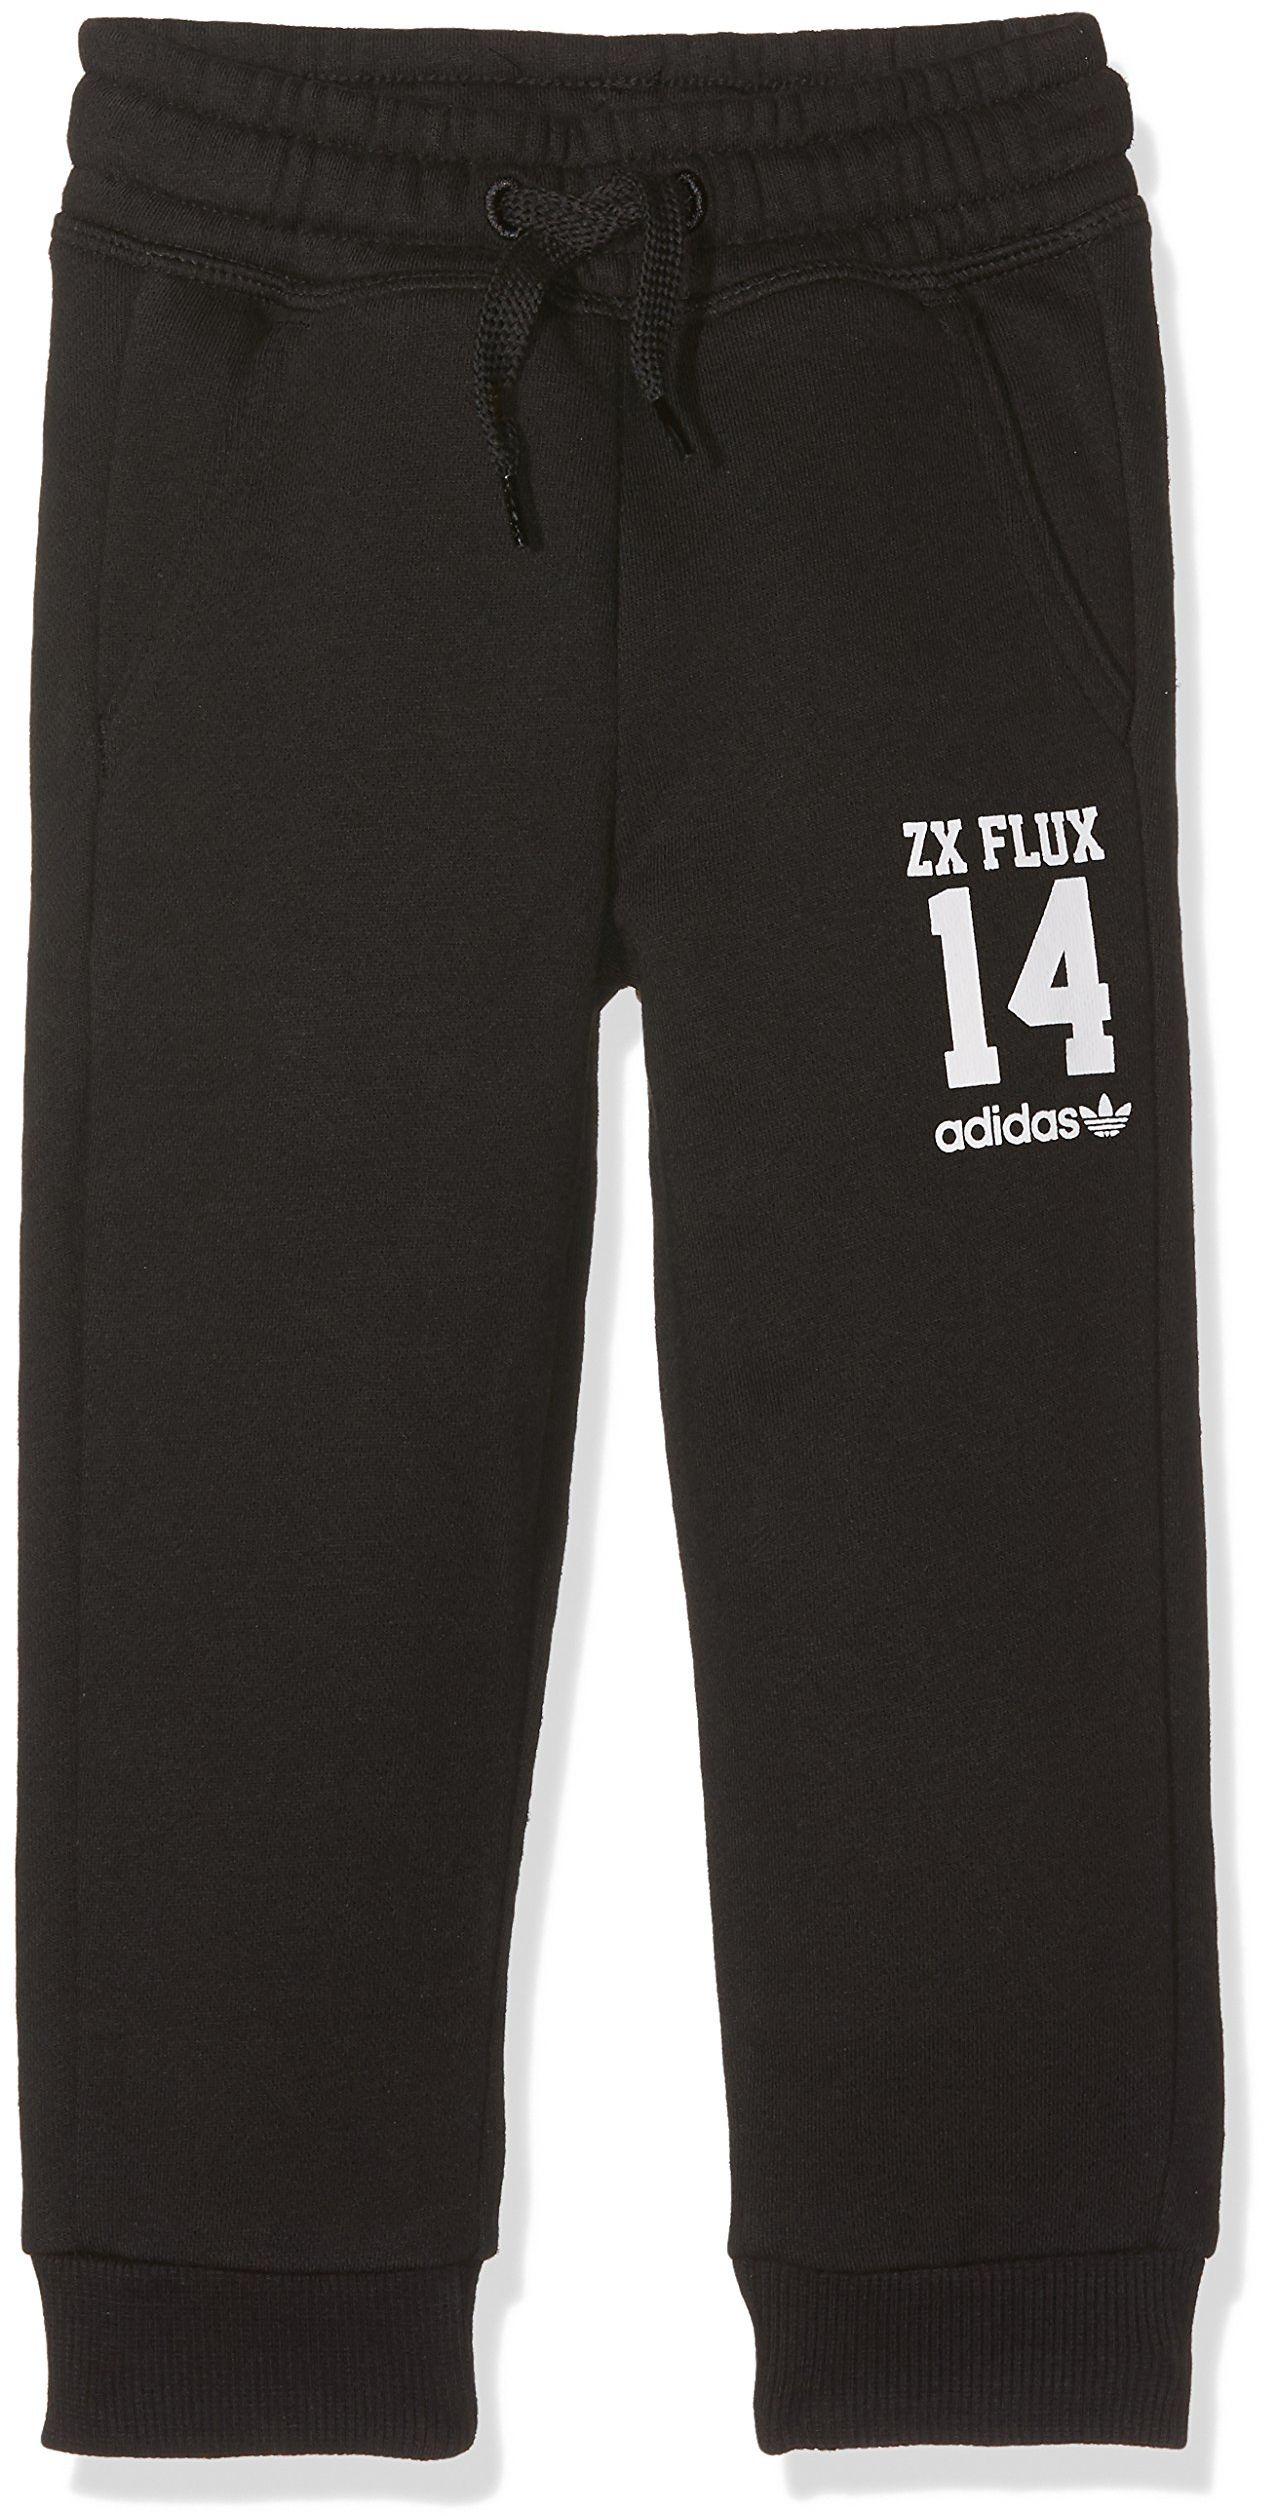 adidas dziecięce spodnie treningowe Essentials Crew spodnie i legginsy, czarno-białe, 116